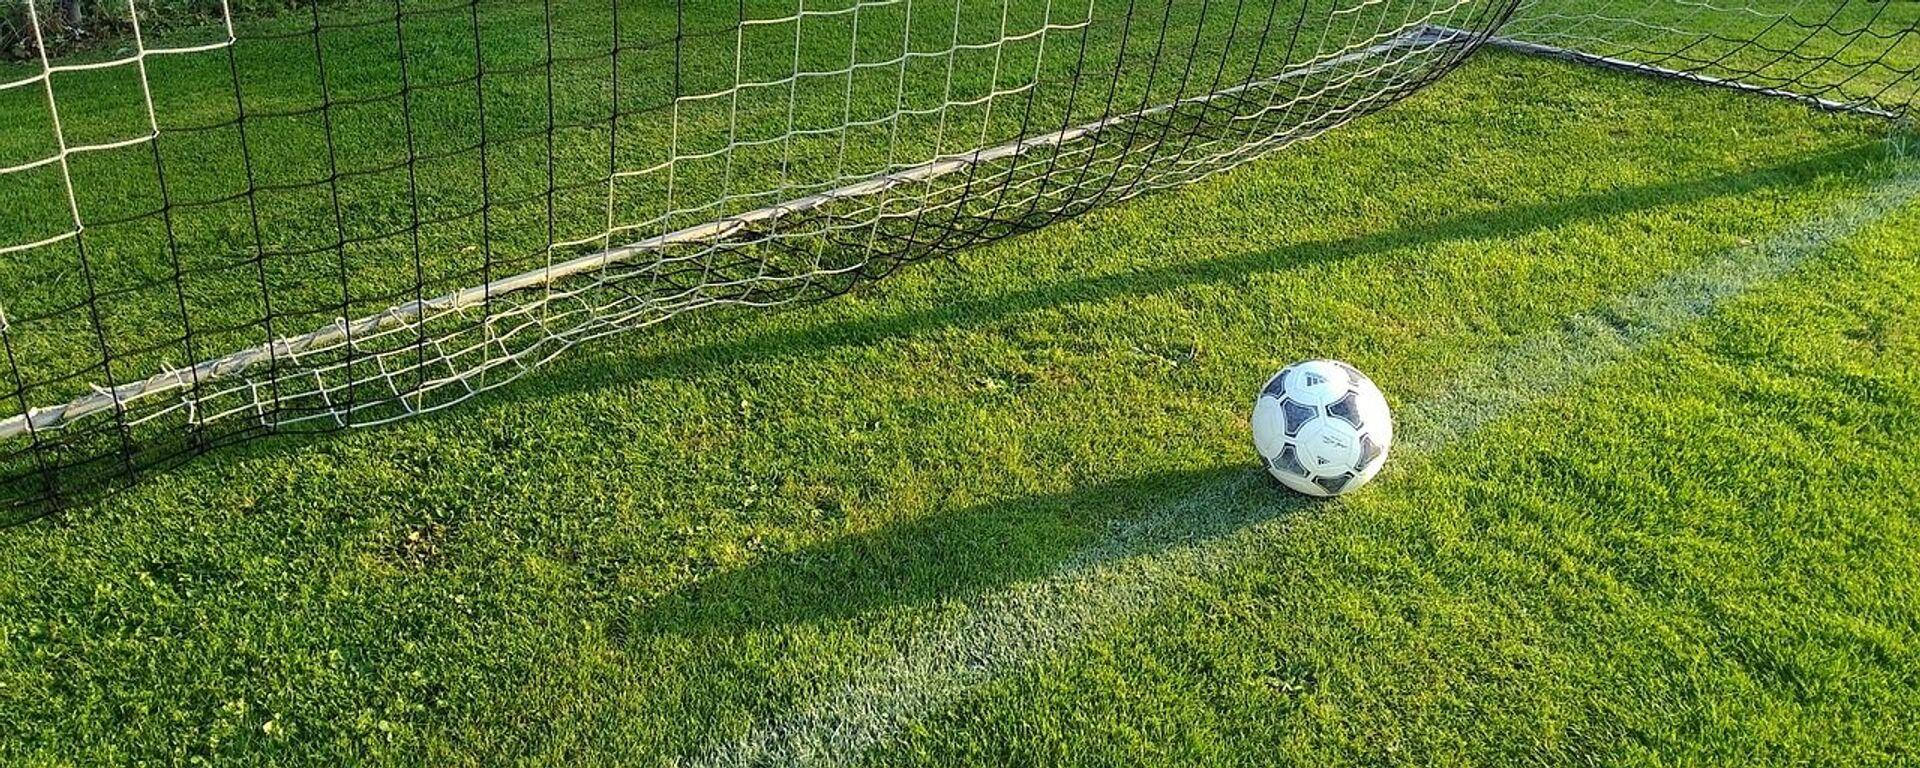 Quả bóng nằm trong lưới. - Sputnik Việt Nam, 1920, 16.09.2021